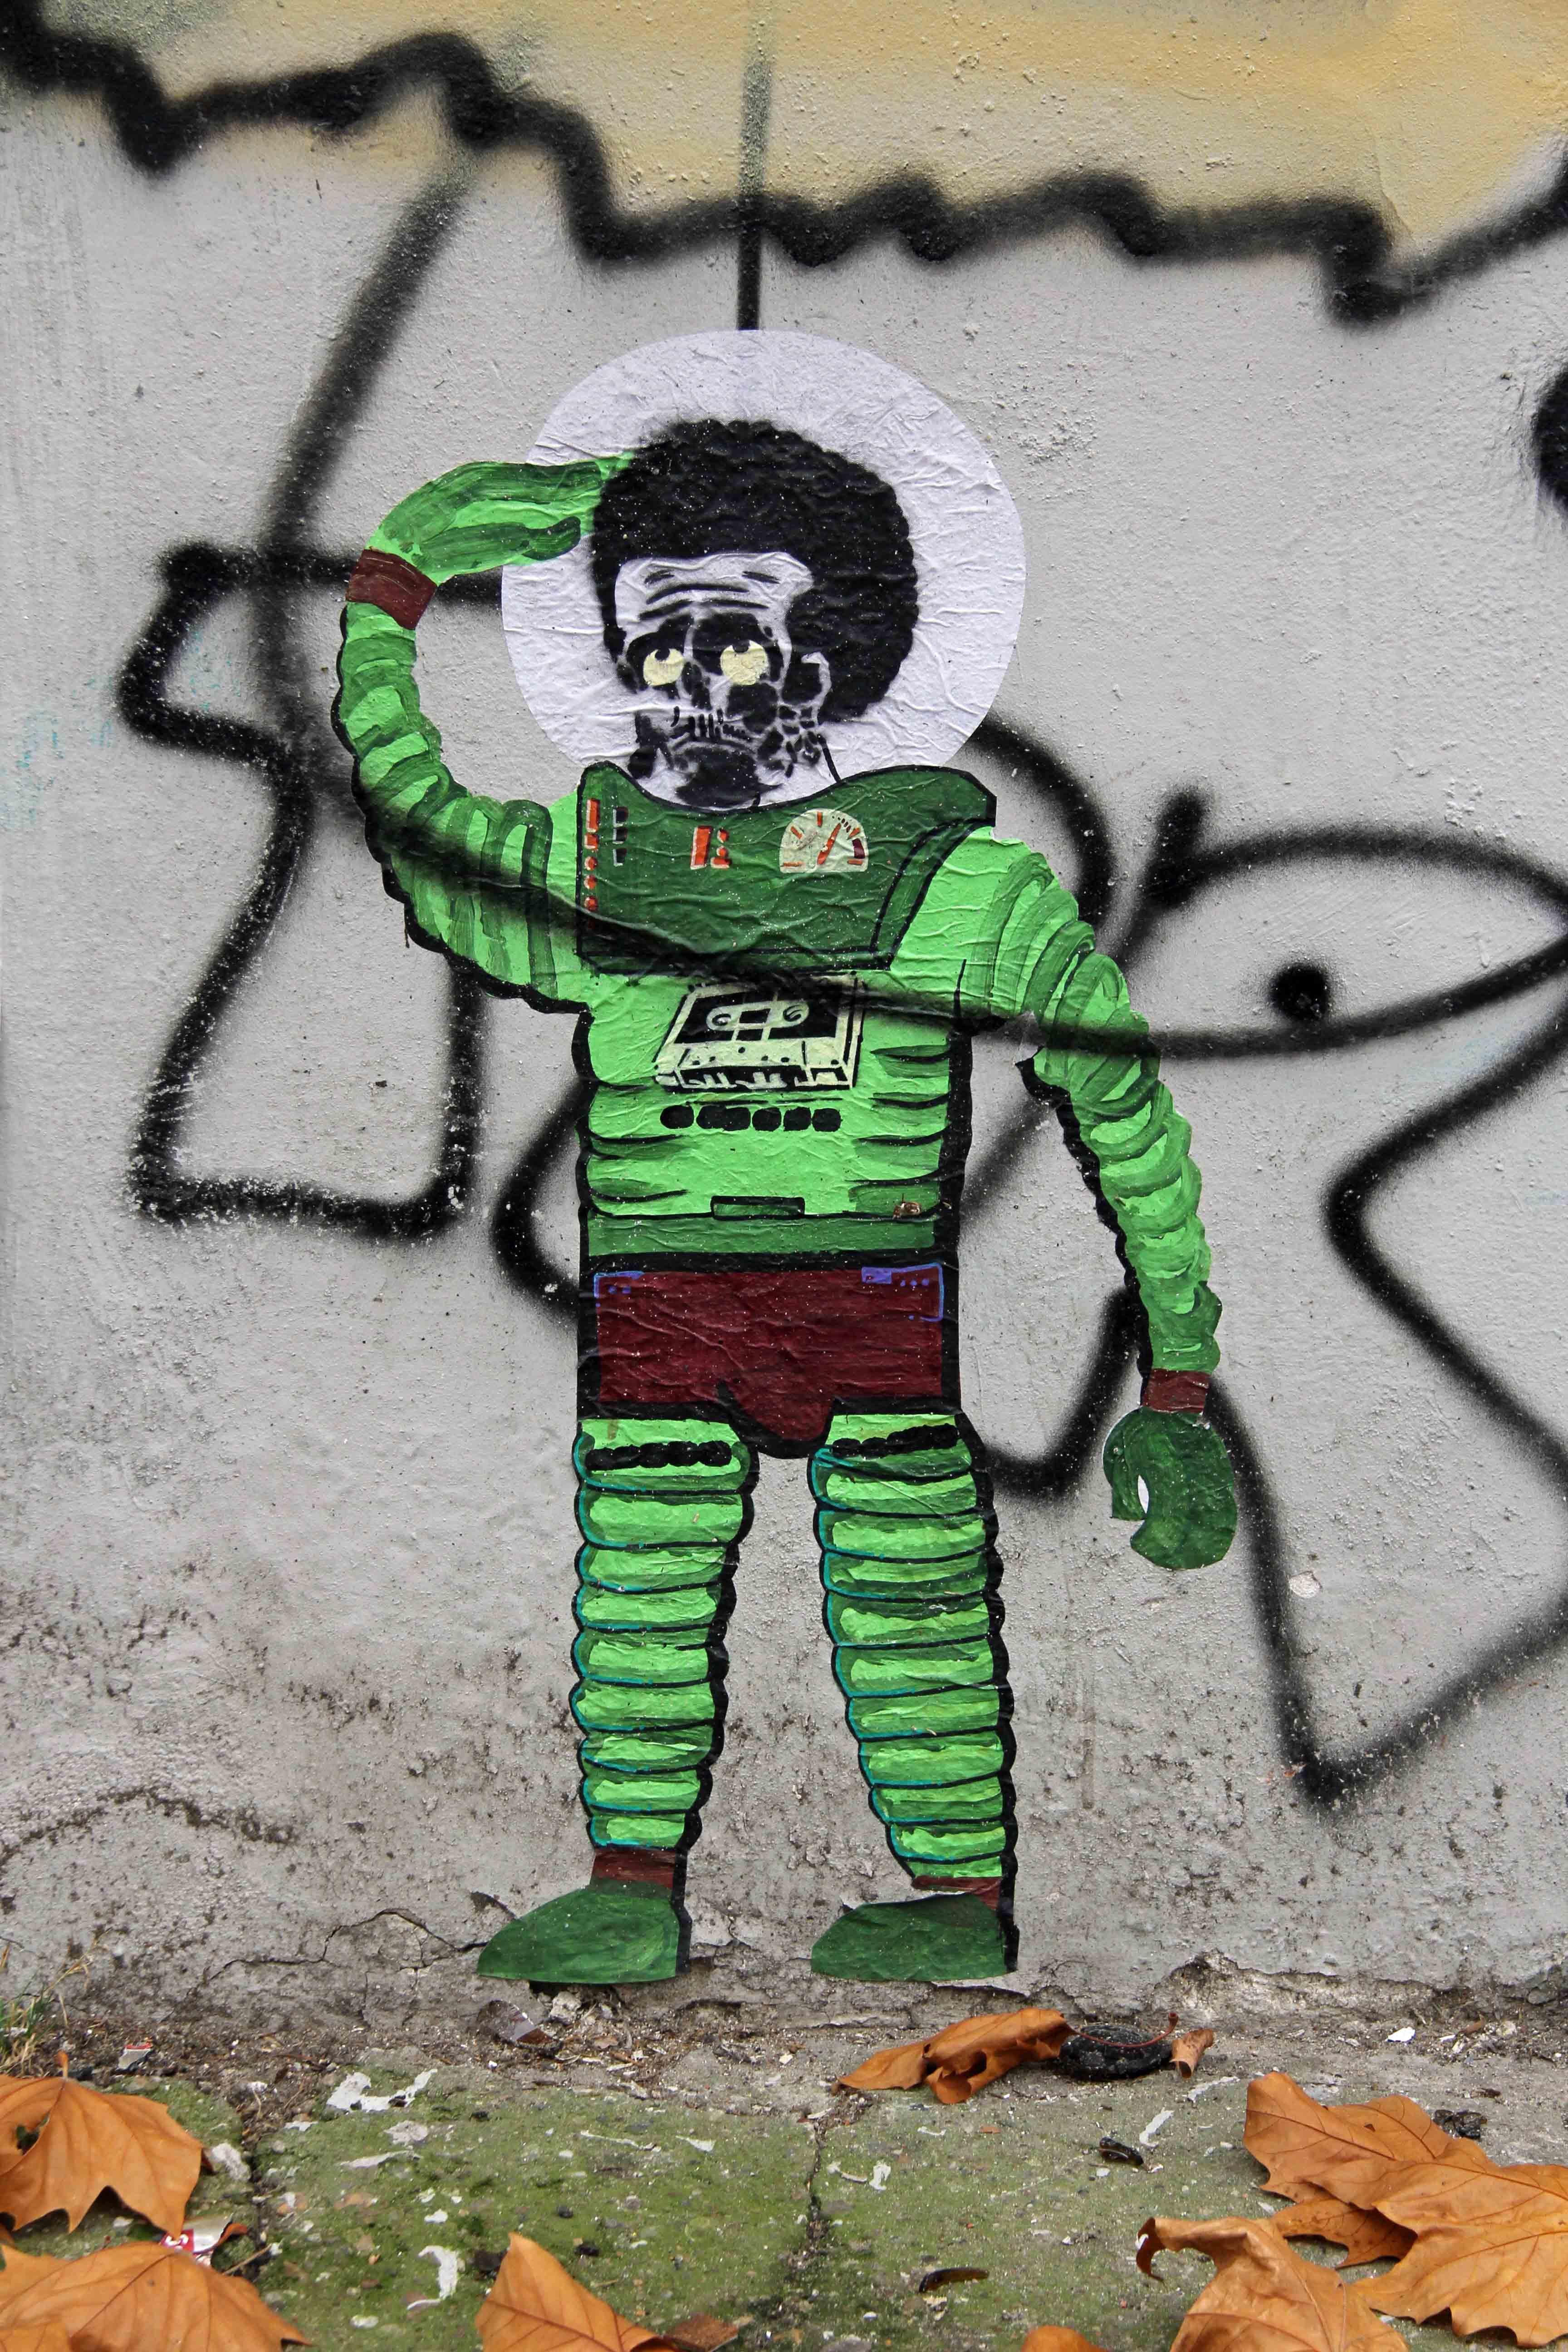 Green Spaceman - Street Art by Unknown Artist in Berlin